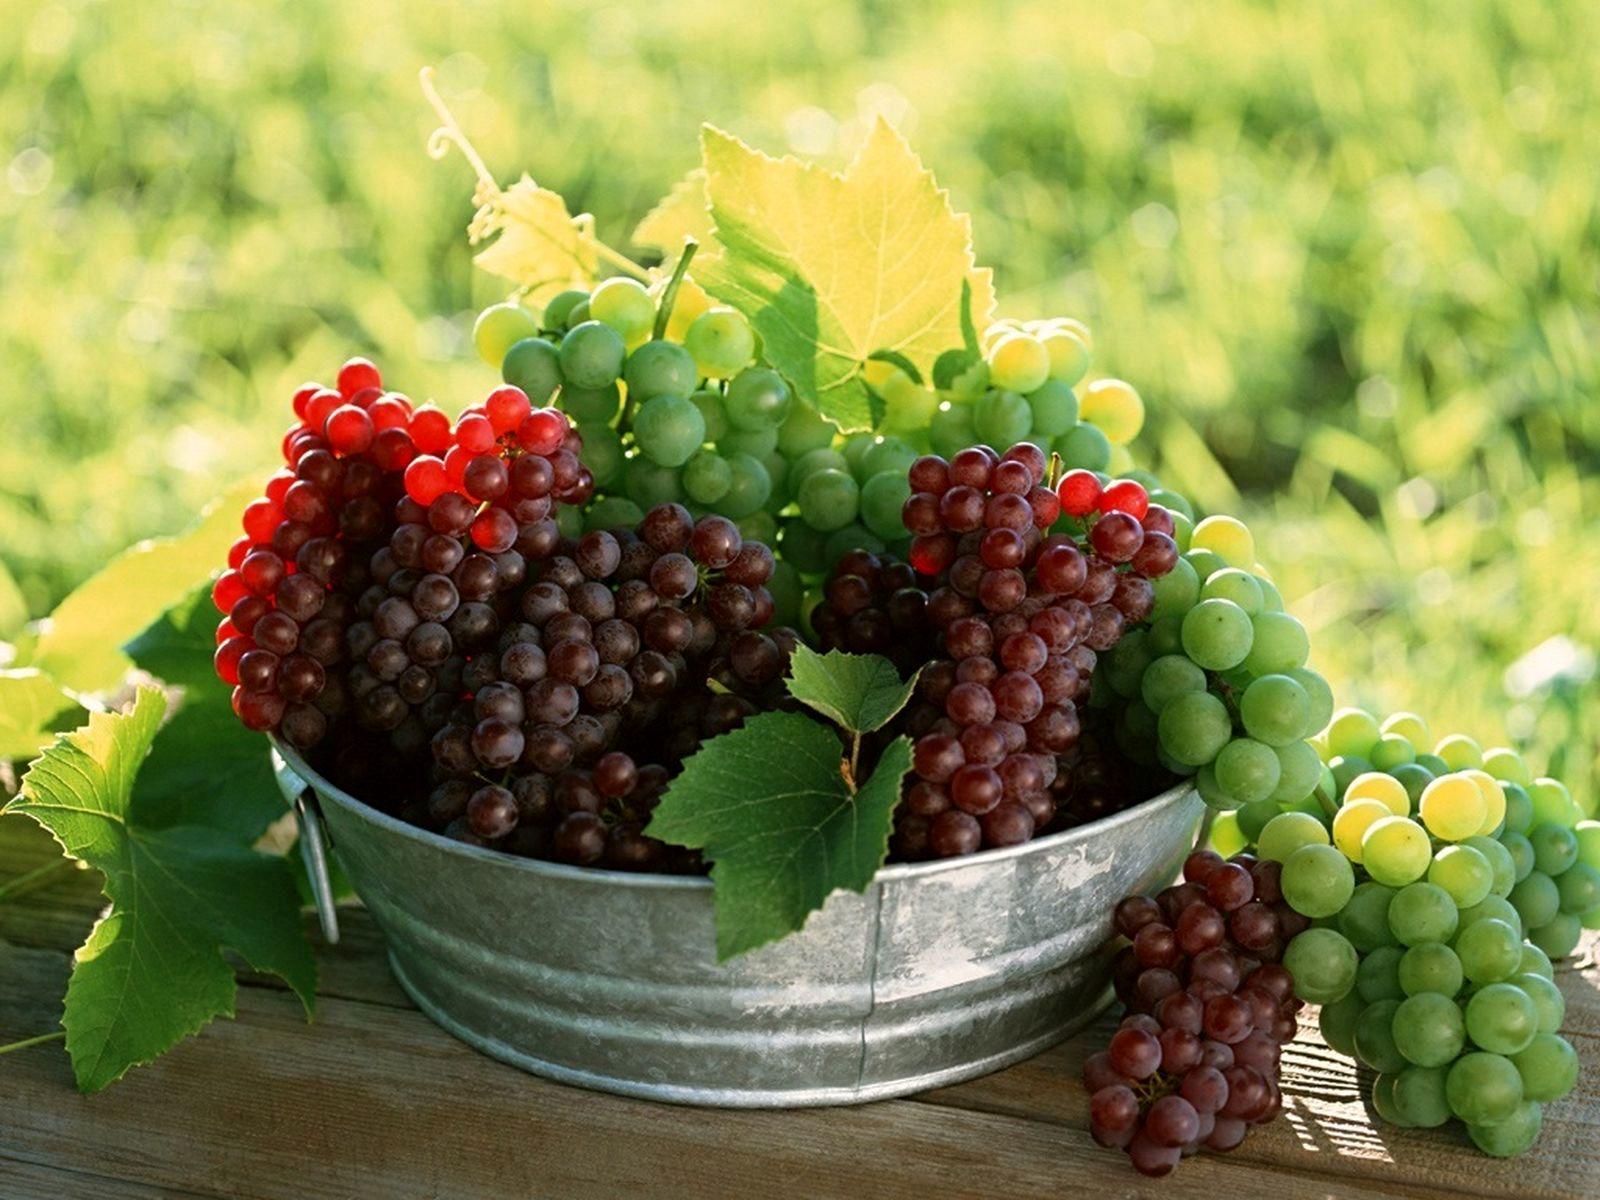 چربیسوزی کدام میوه زیاد است؟